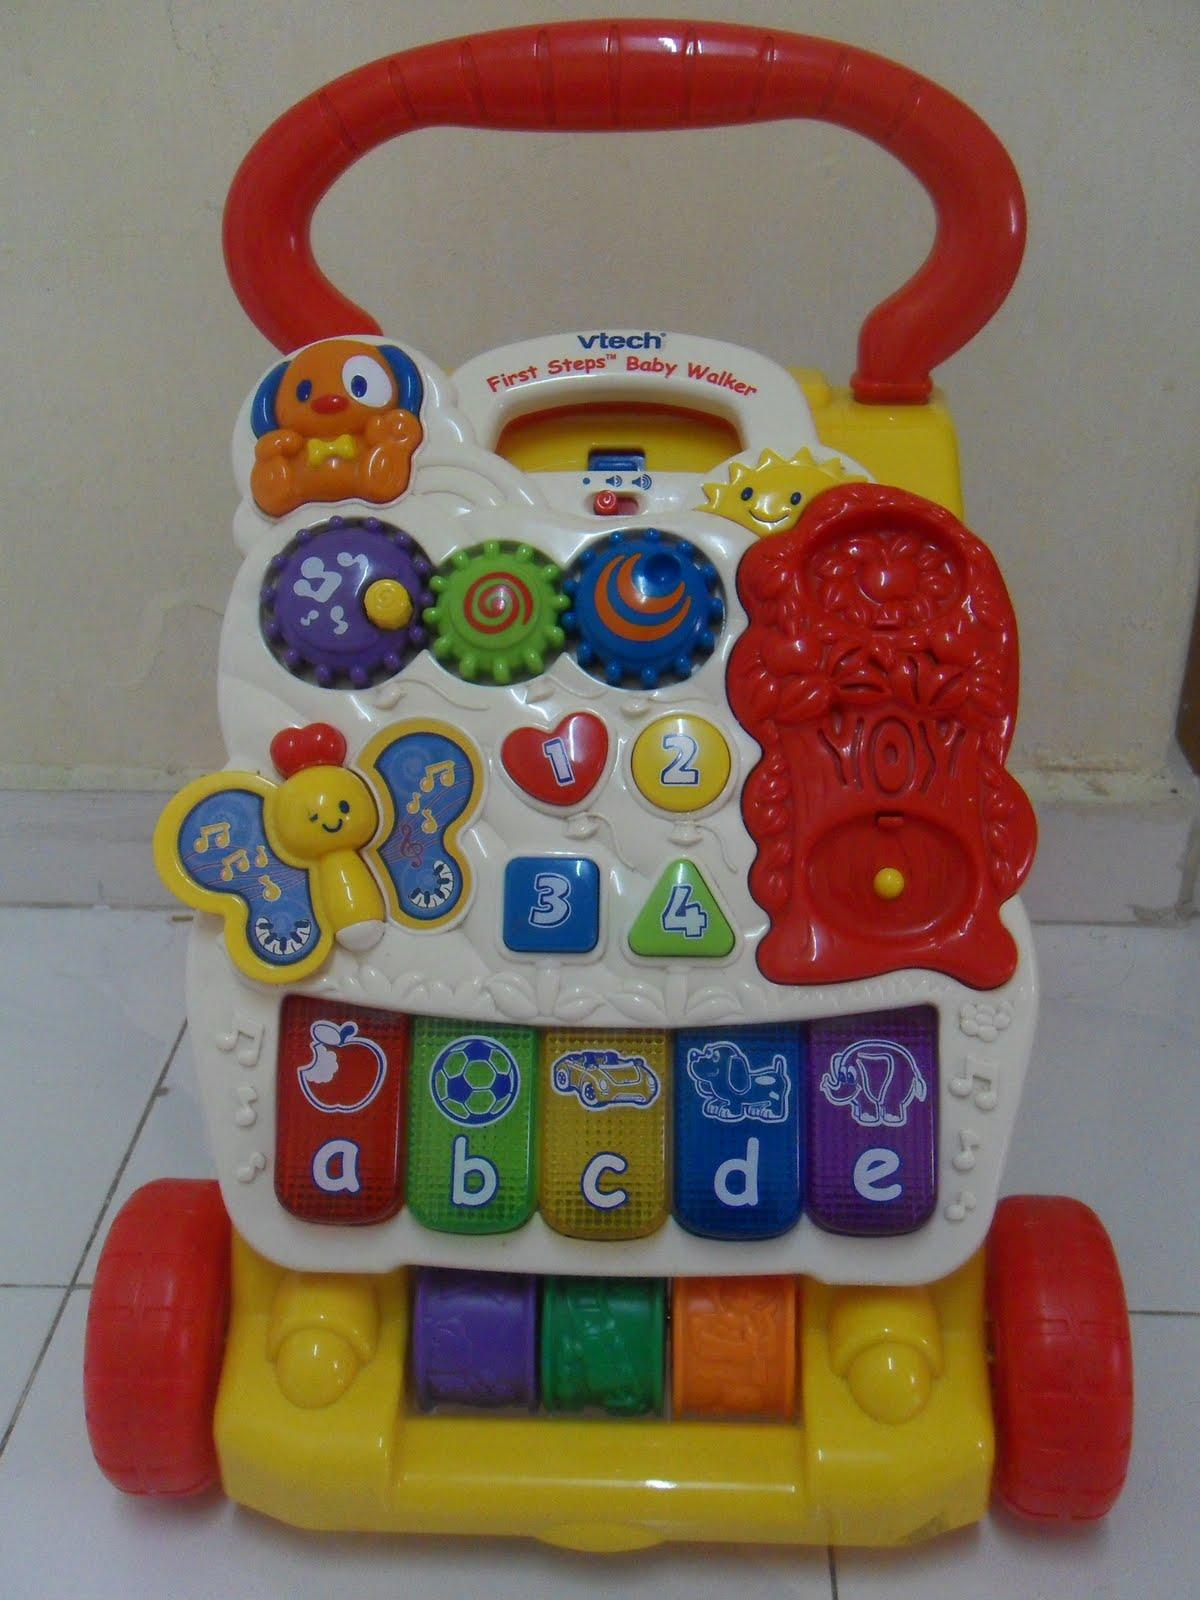 Tinidewi Sana Sini Celoteh Suri Bonus Kanak Mainan Ingat Kamu Saja Boleh Beli Permainan Acik Pun Tau Lagi Syok Pakai Tekan Tak Perlu Memandu Sampai Ke Puchong Nun